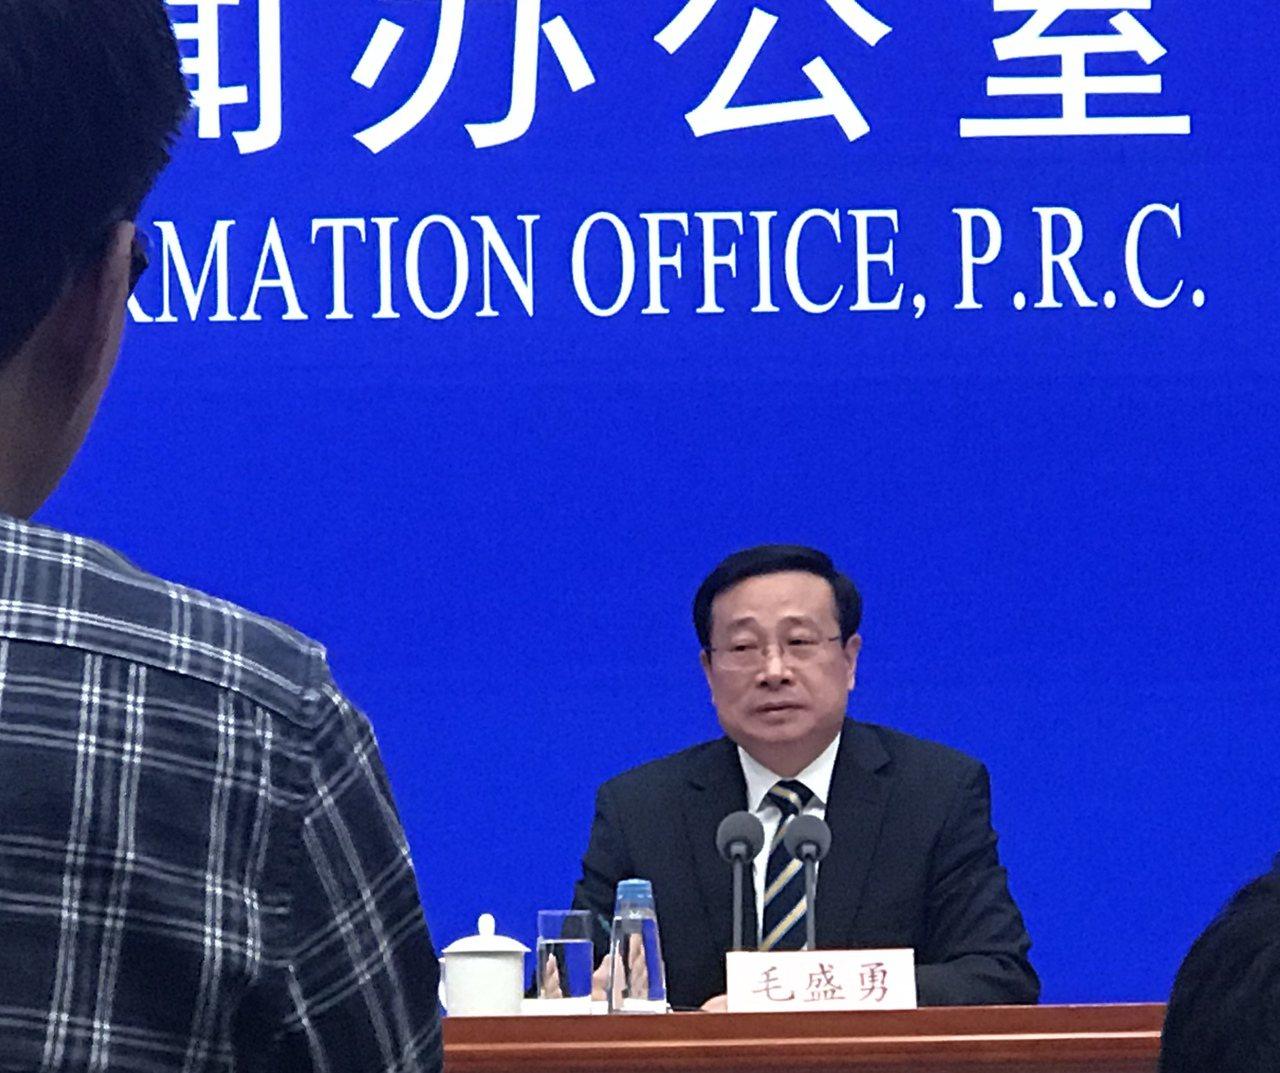 大陸統計局今天舉行發布會,媒體集中詢問經濟下滑的問題。特派記者陳言喬/攝影